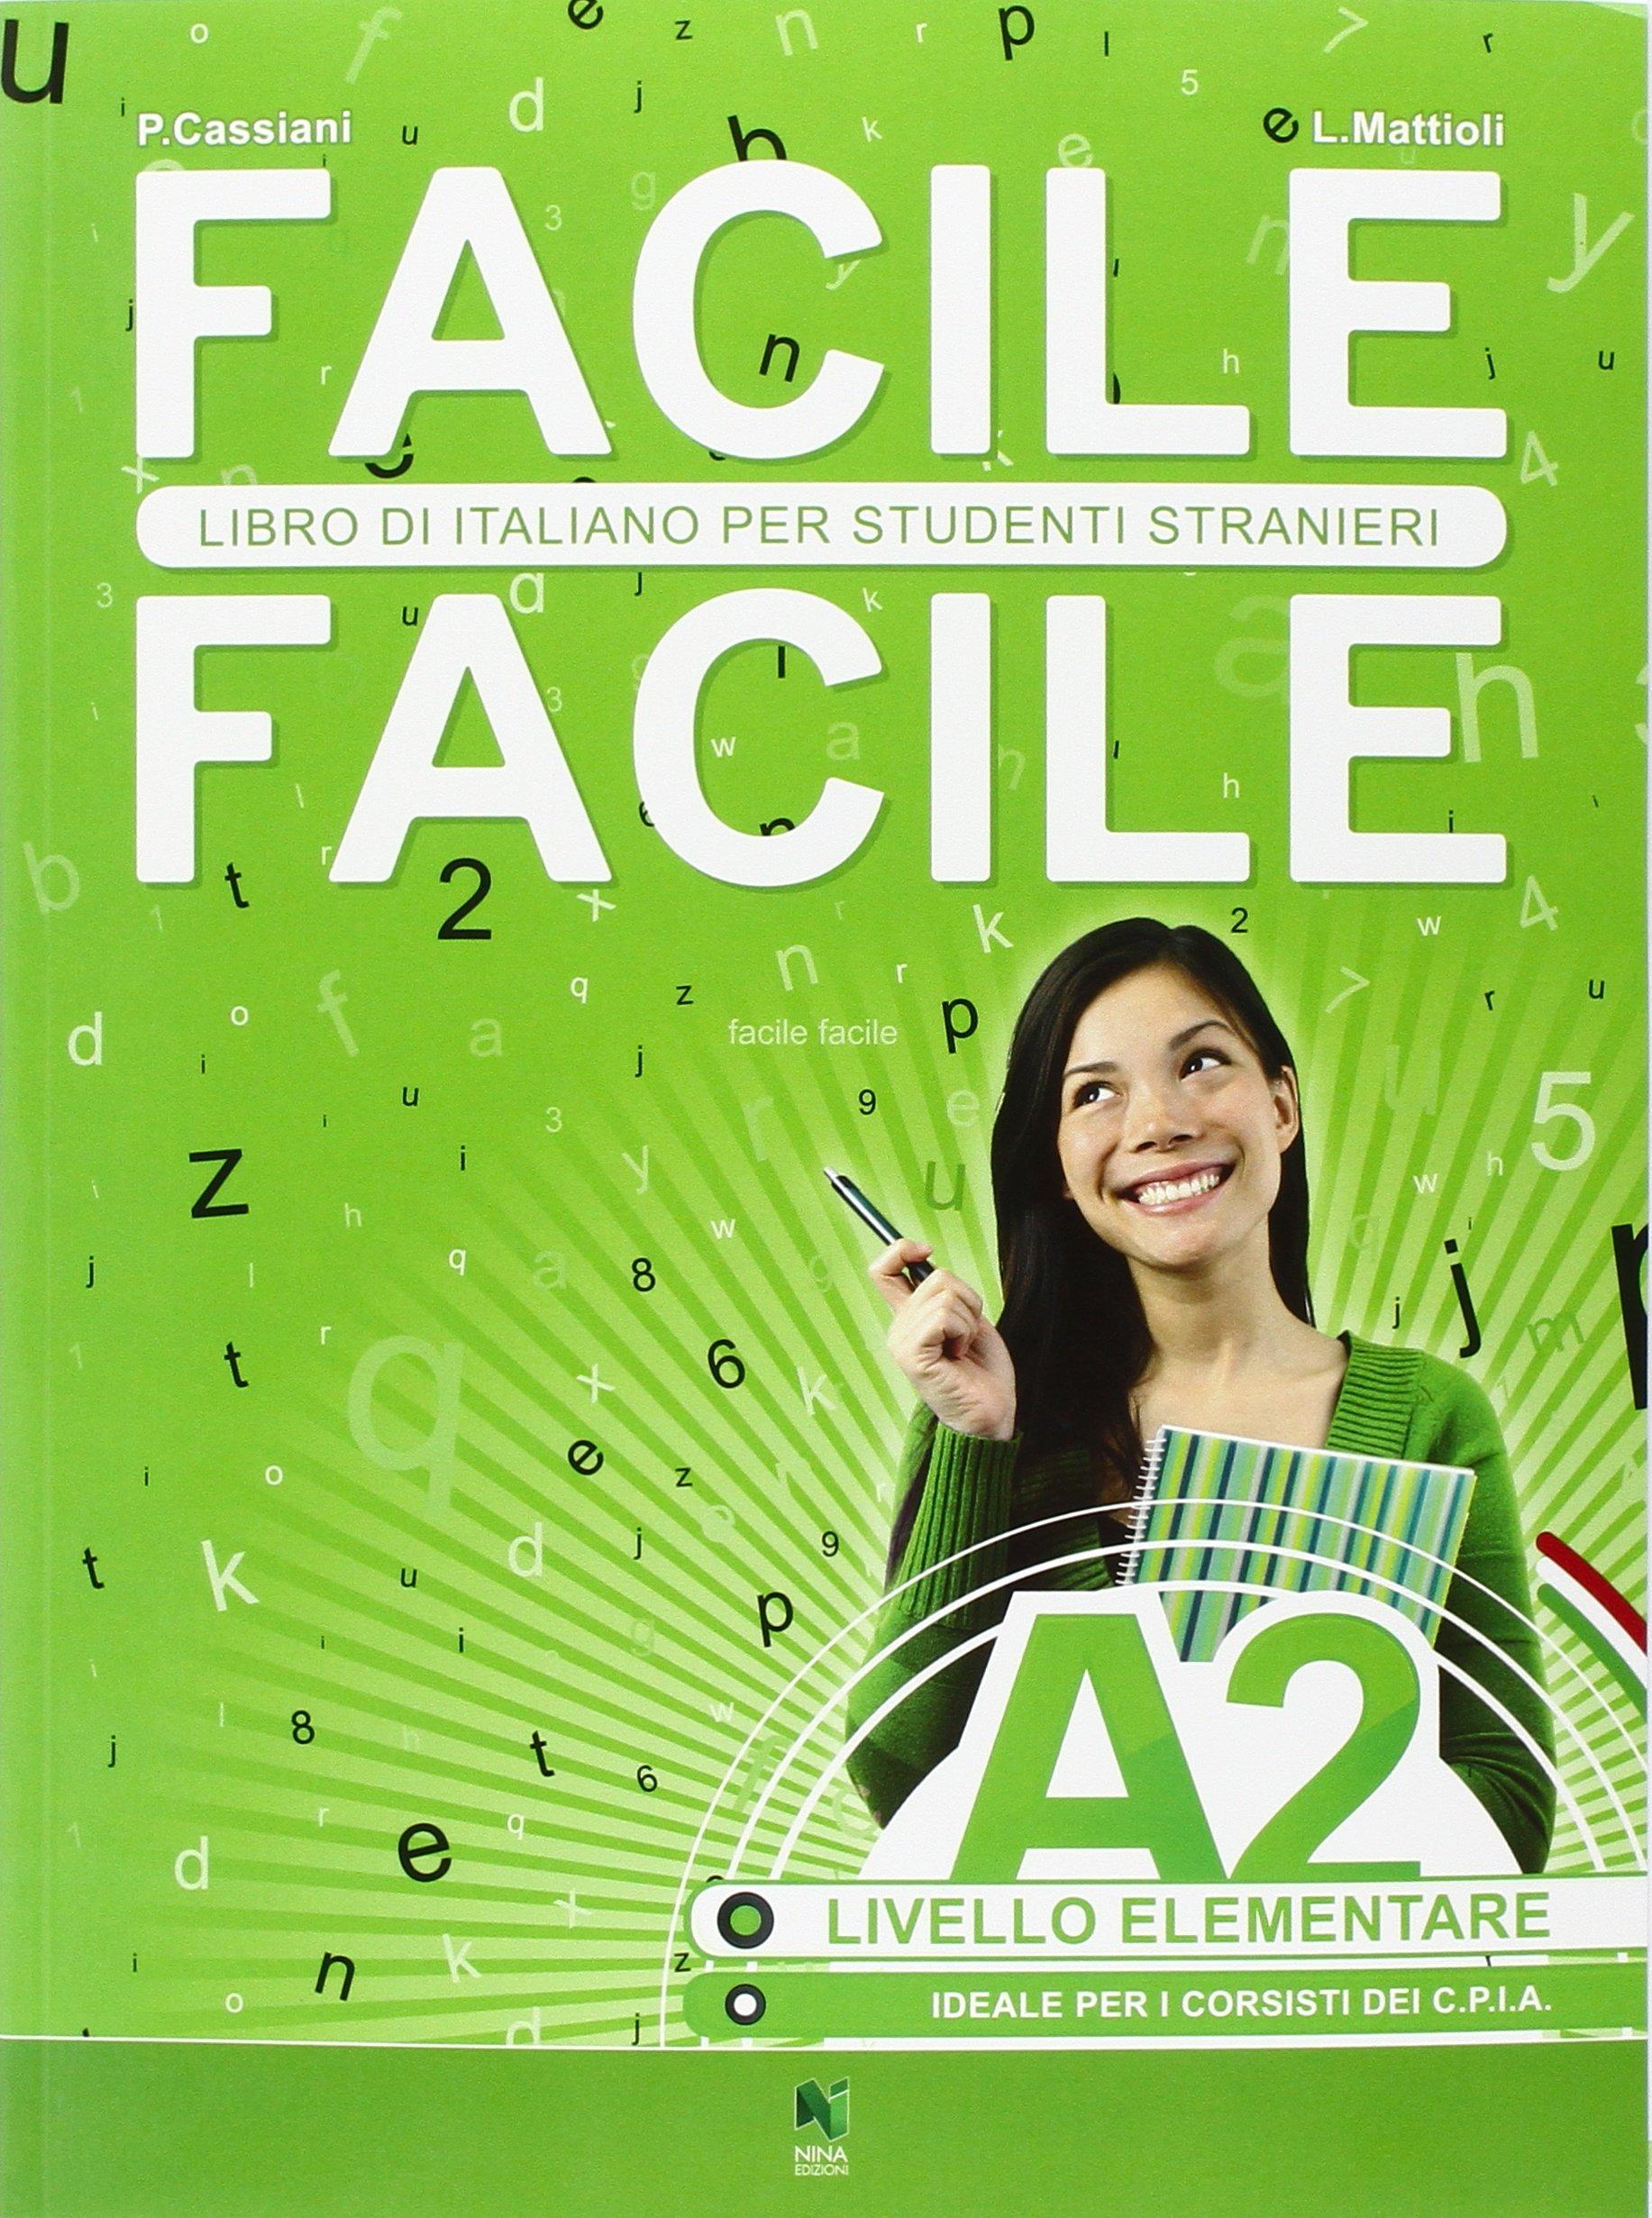 Facile facile. Italiano per studenti stranieri. A2 livello elementare Copertina flessibile – 14 gen 2016 Paolo Cassiani Laura Mattioli Nina 8896568323